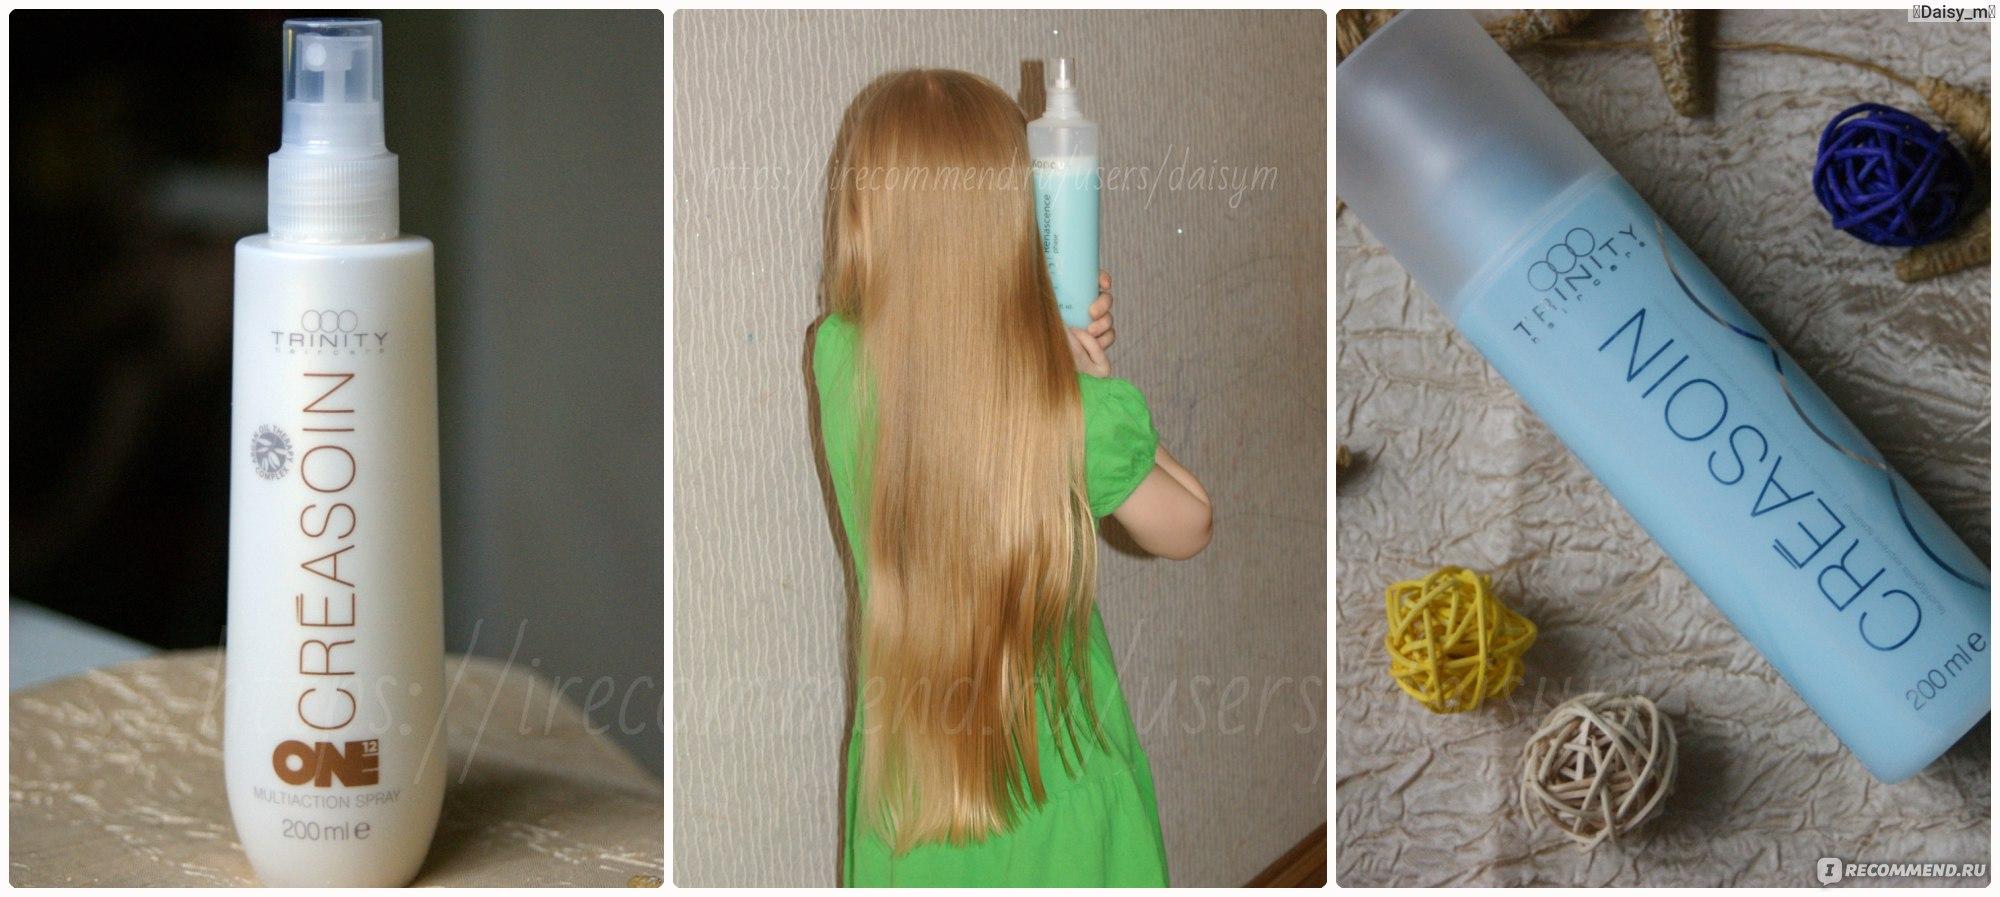 Можно ли использовать детское мыло для ухода за волосами